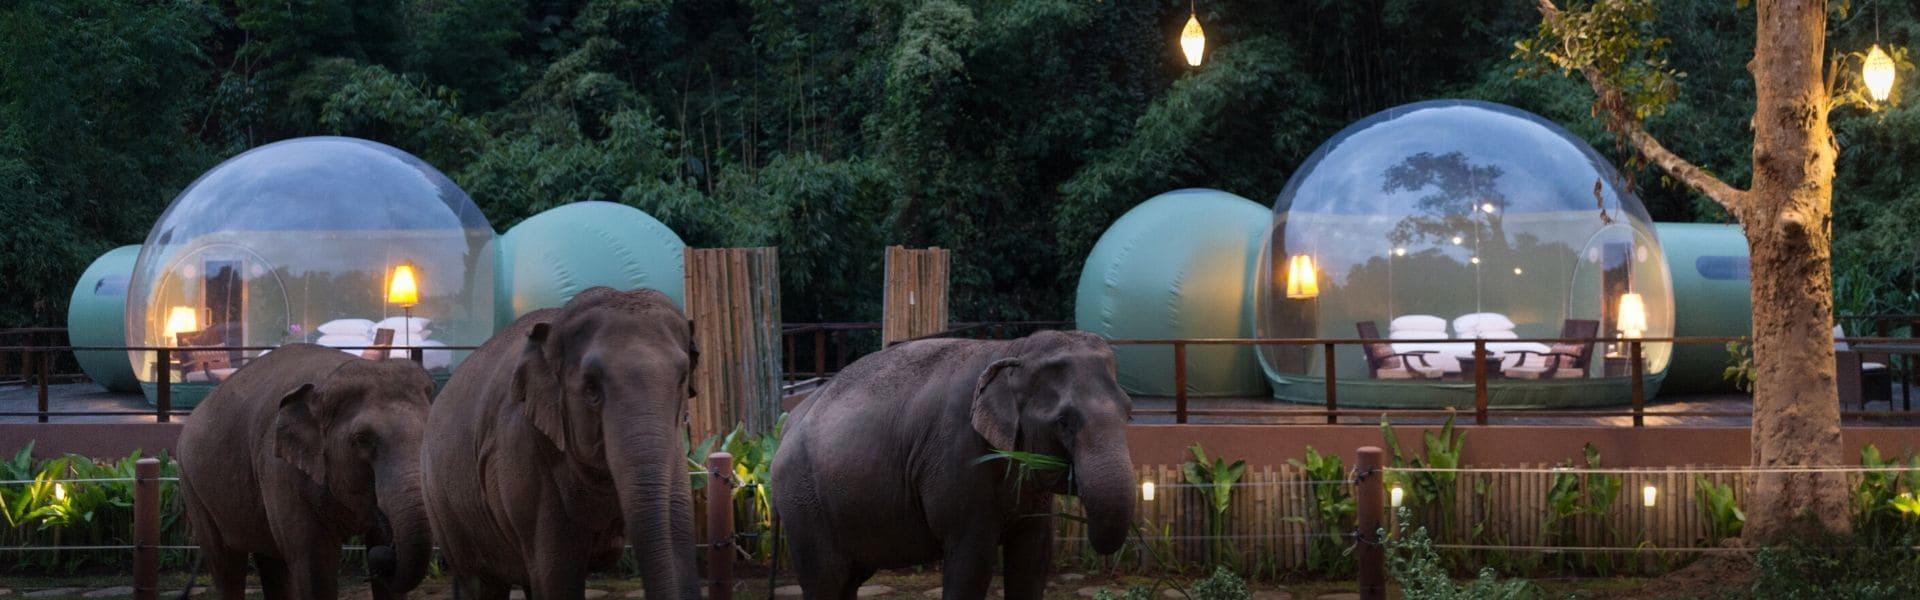 طراحی اقامتگاه جنگلی با حباب های شفاف